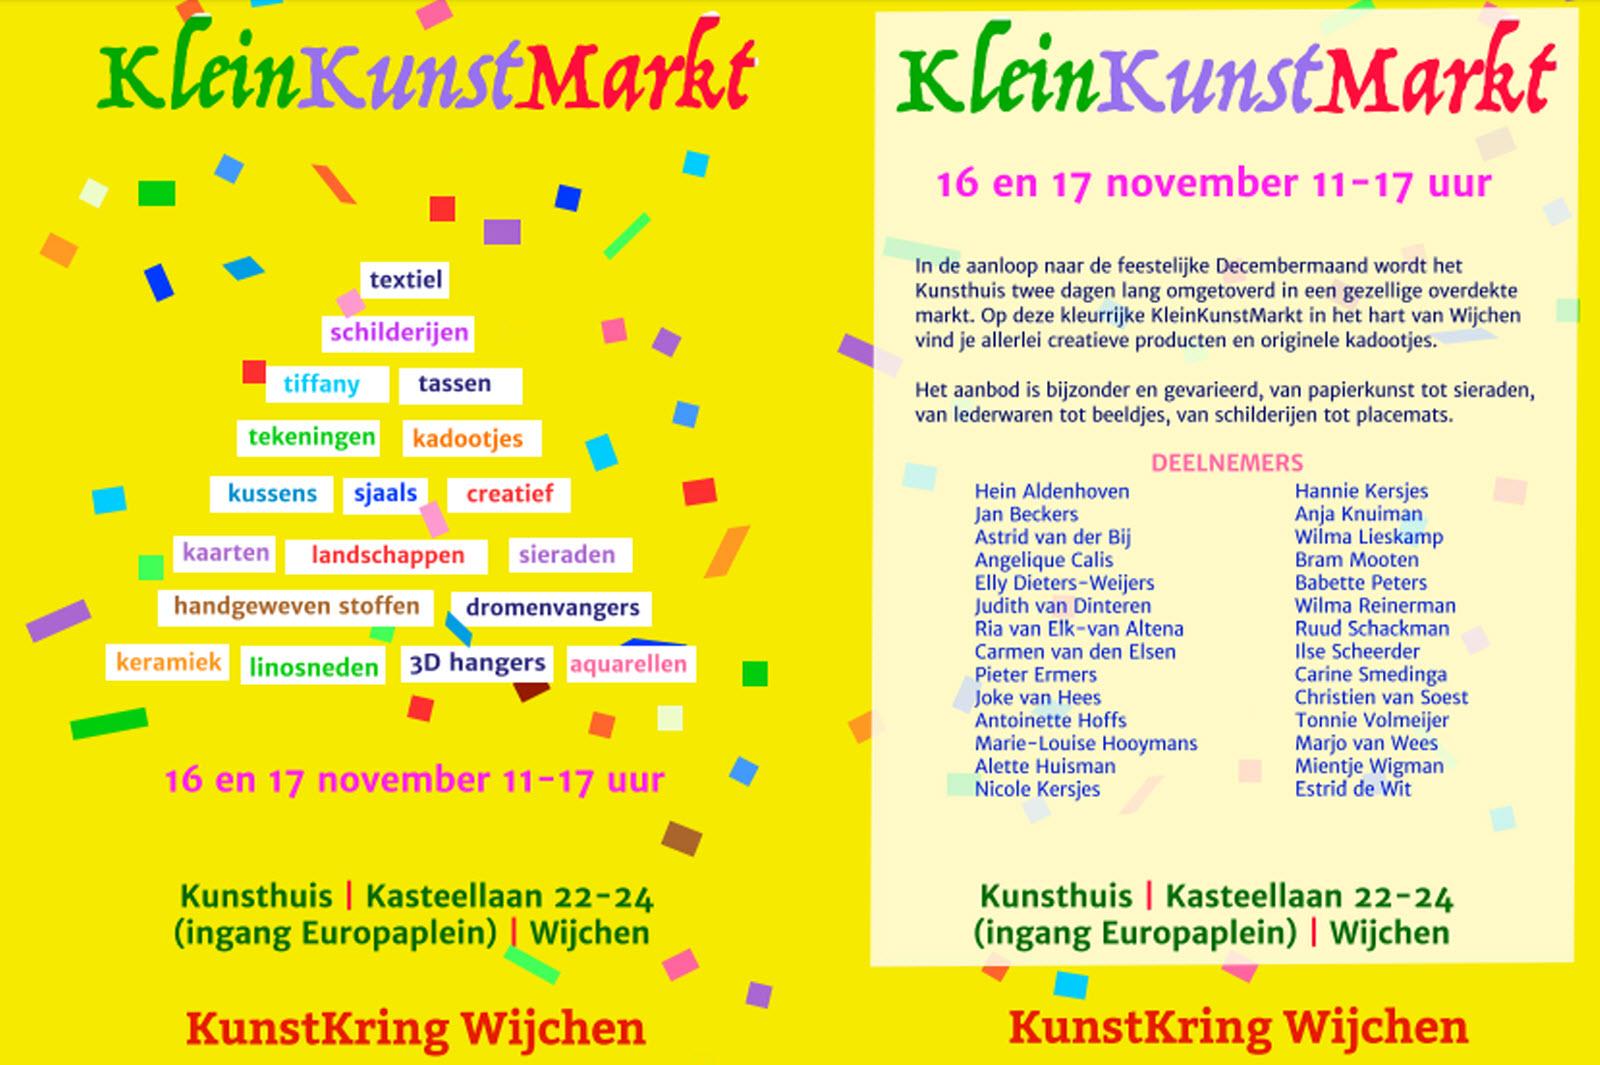 KleinKunstMarkt Wijchen